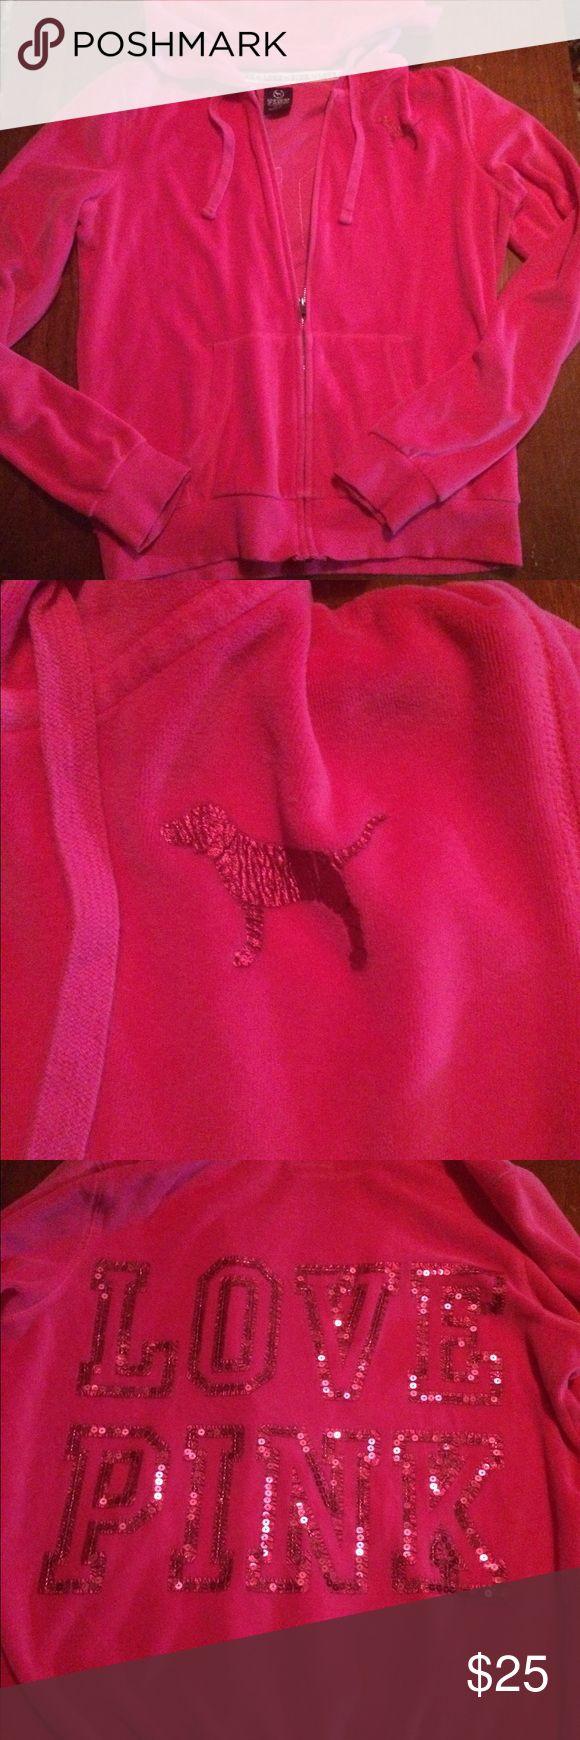 Victoria Secret Pink zip up hoodie ❤️ Victoria Secret Pink zip up hoodie ❤️ PINK Victoria's Secret Tops Sweatshirts & Hoodies